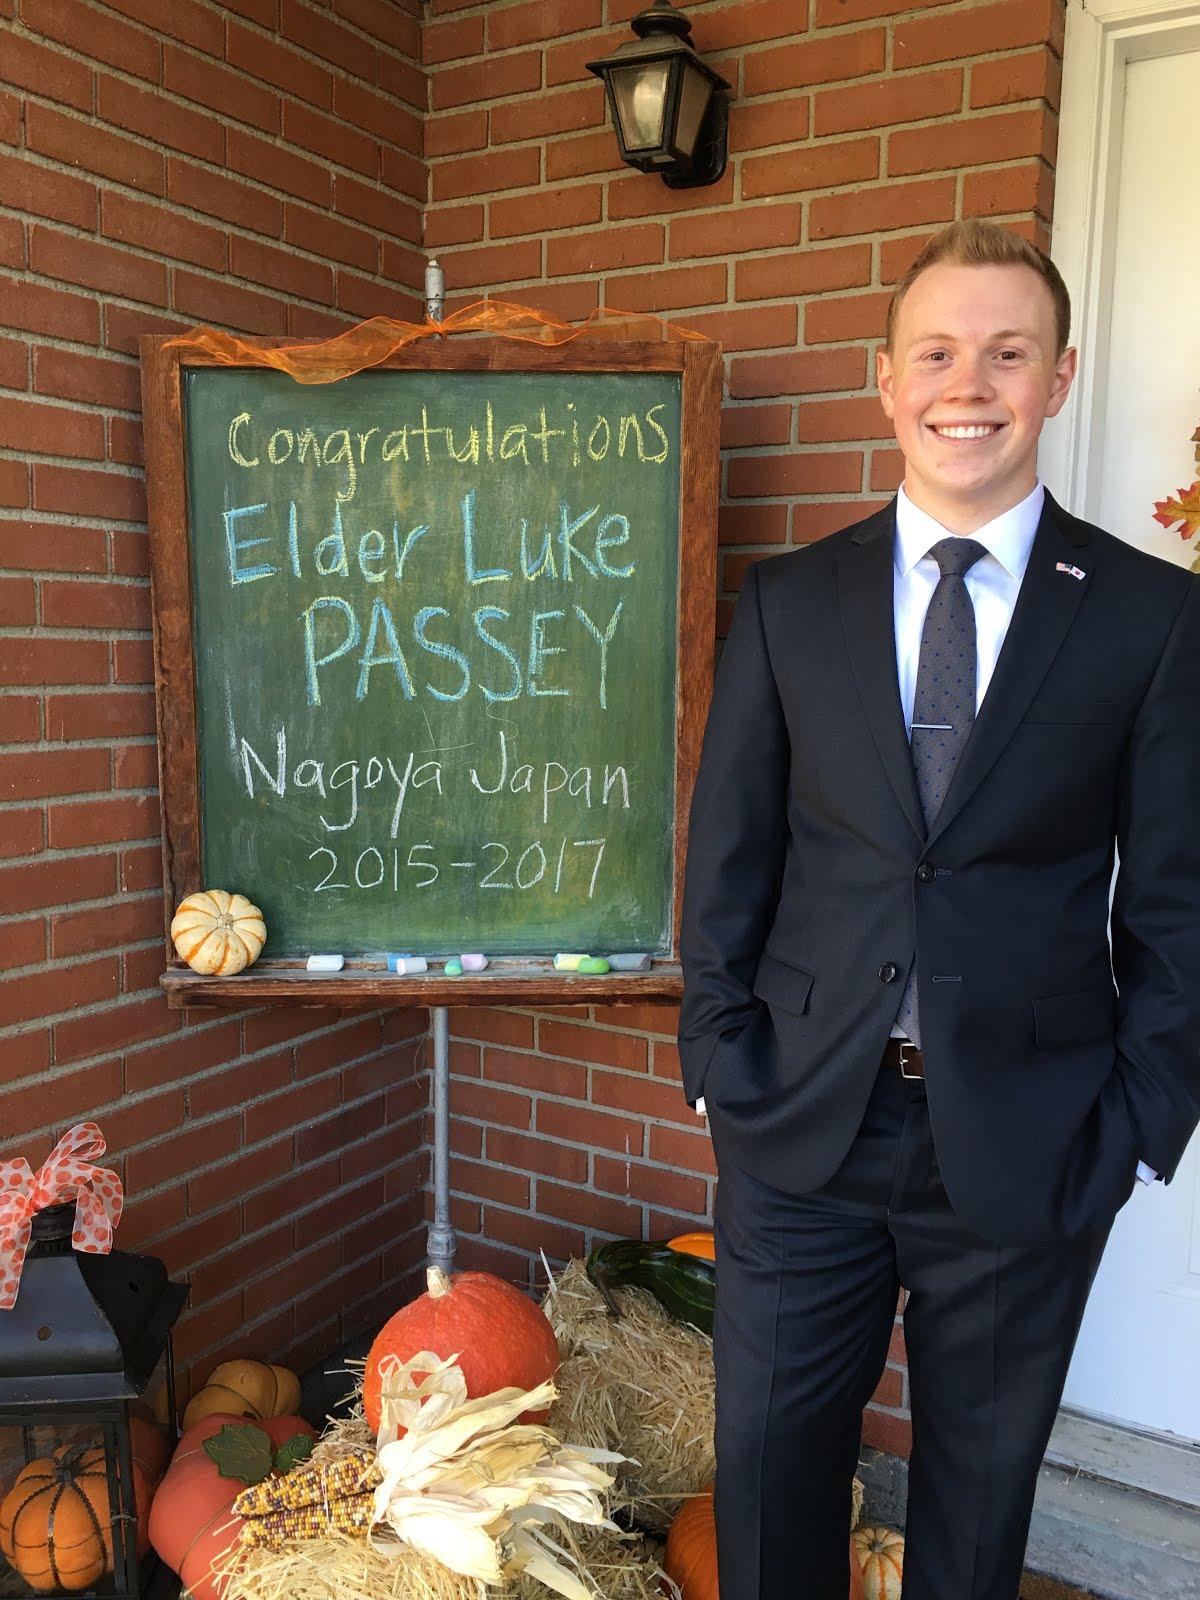 Elder Luke Passey